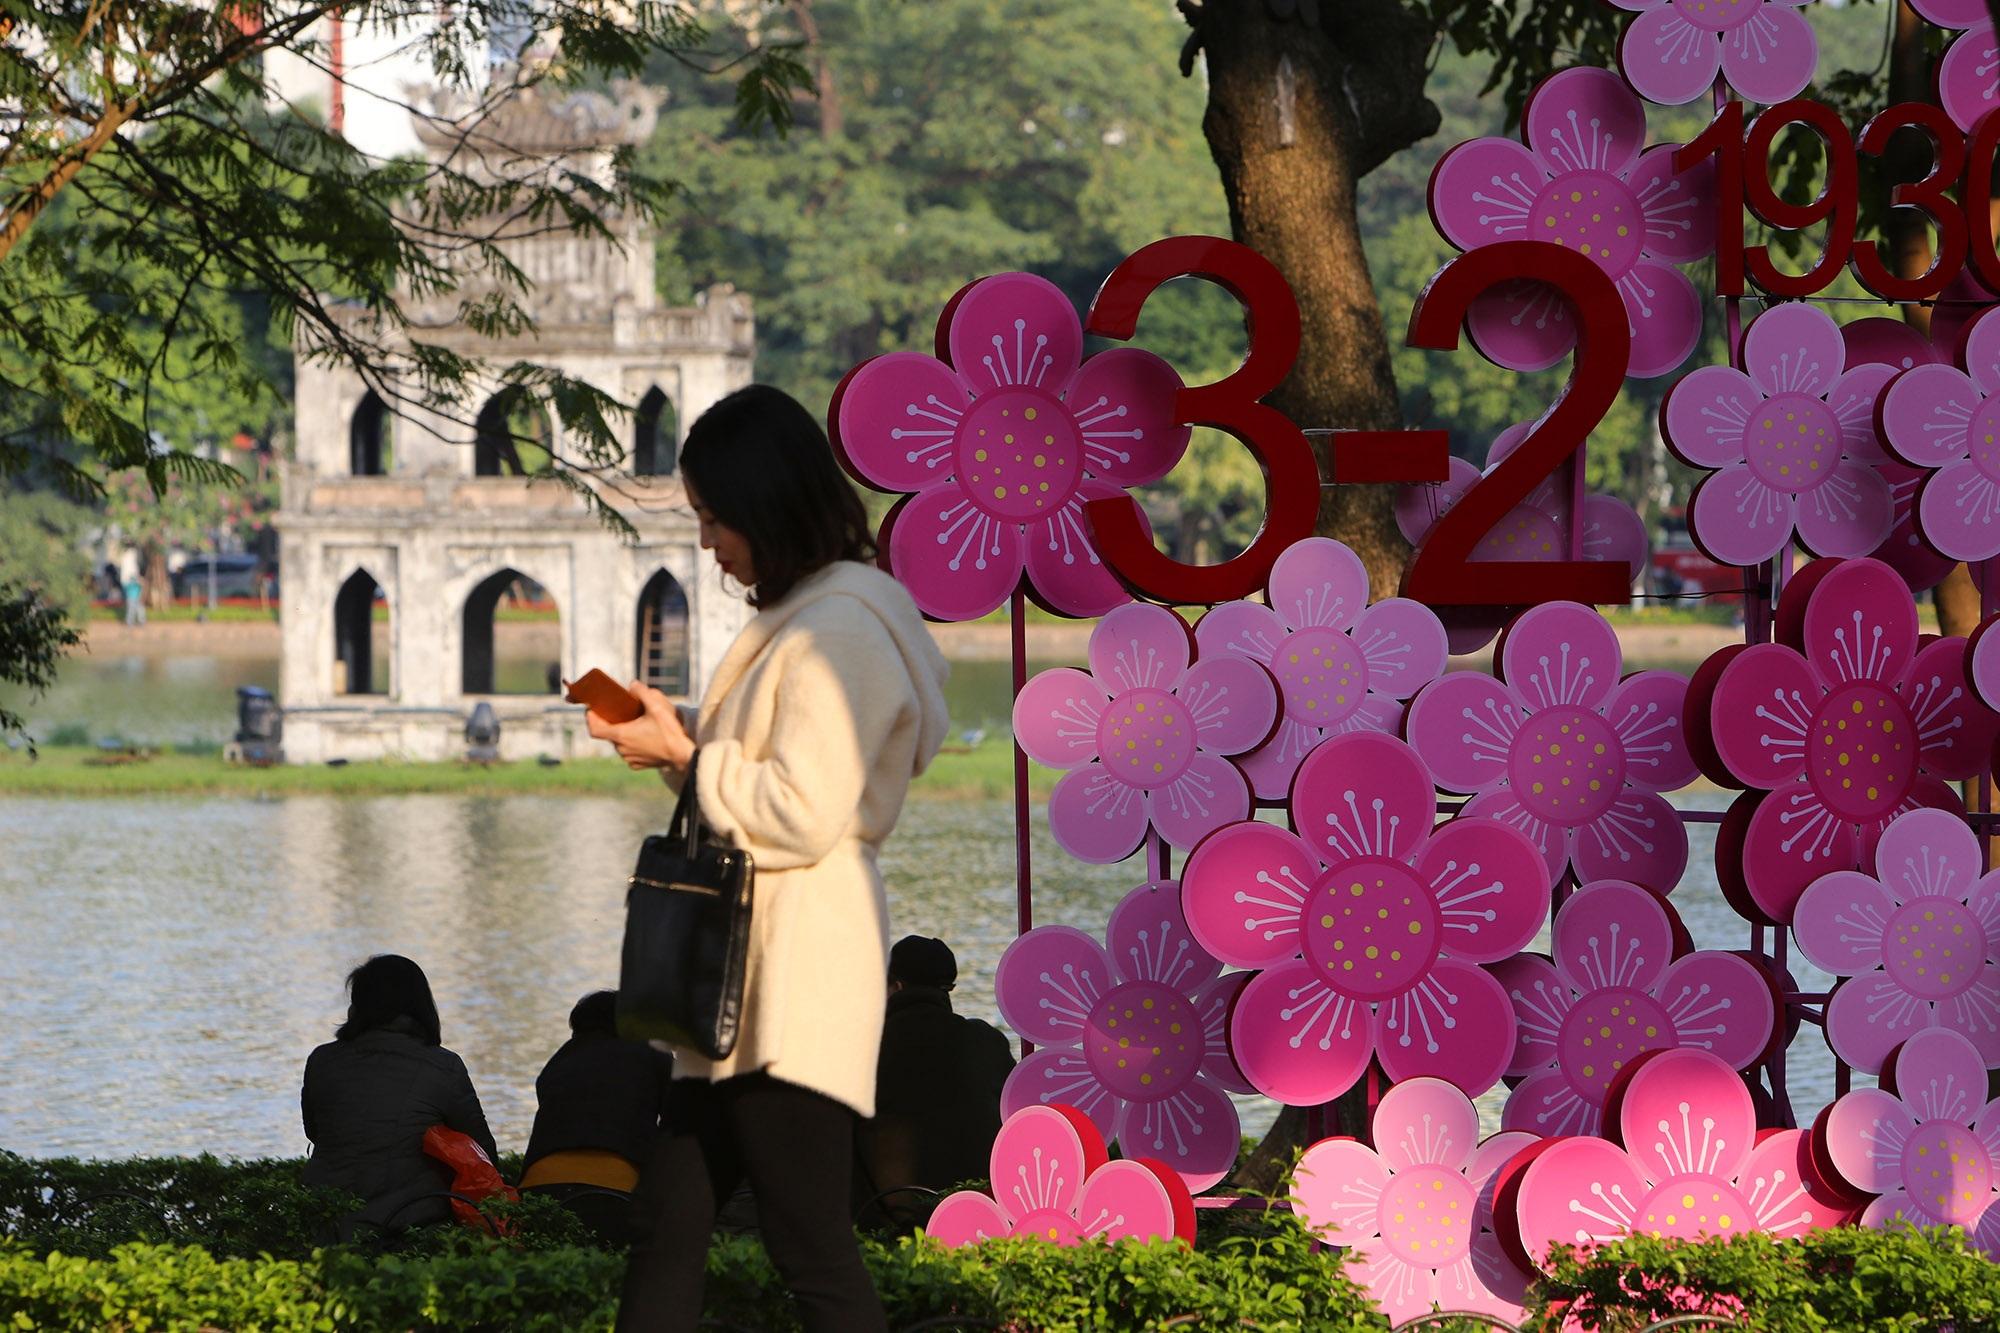 Hà Nội rực rỡ cờ, hoa mừng 90 năm Ngày thành lập Đảng - 3